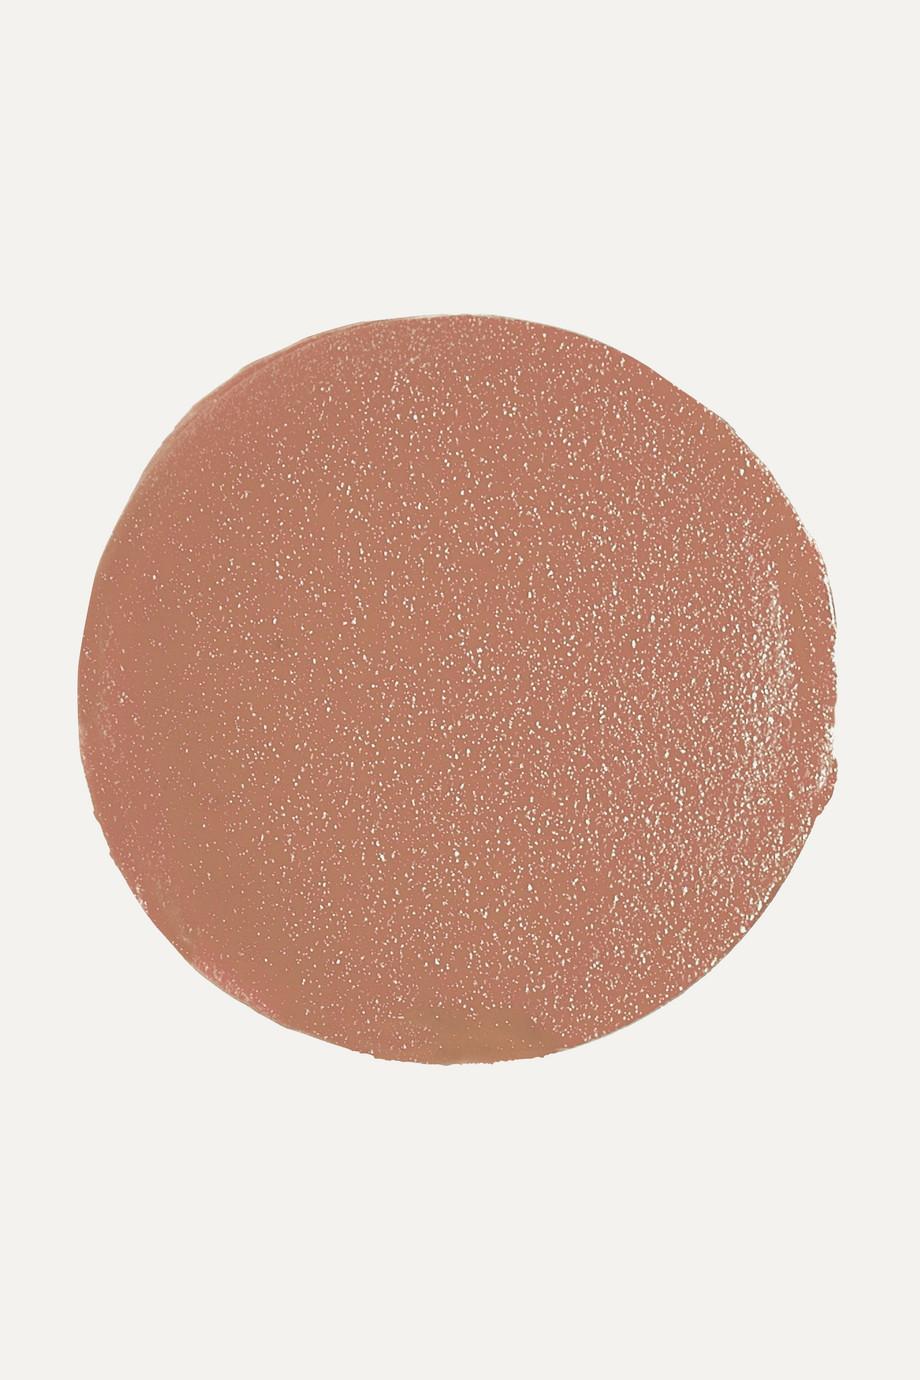 Gucci Beauty Rouge à Lèvres Satin – Susan Nude 105 – Lippenstift